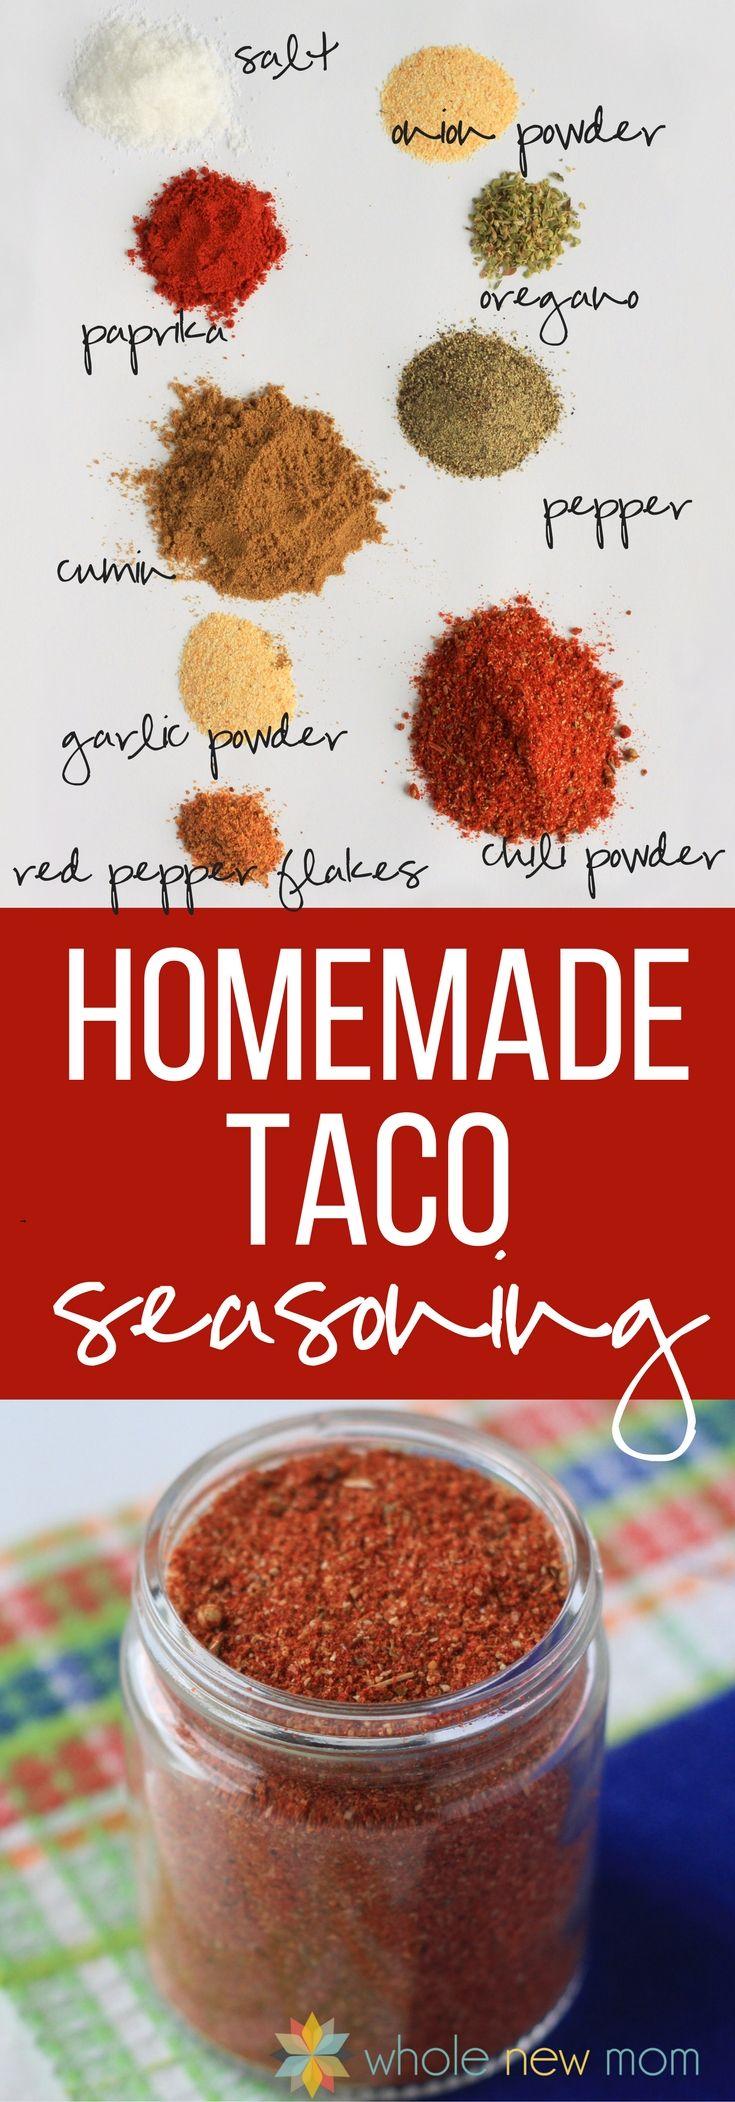 Homemade Taco Seasoning Recipe {not too spicy!}   Whole New Mom